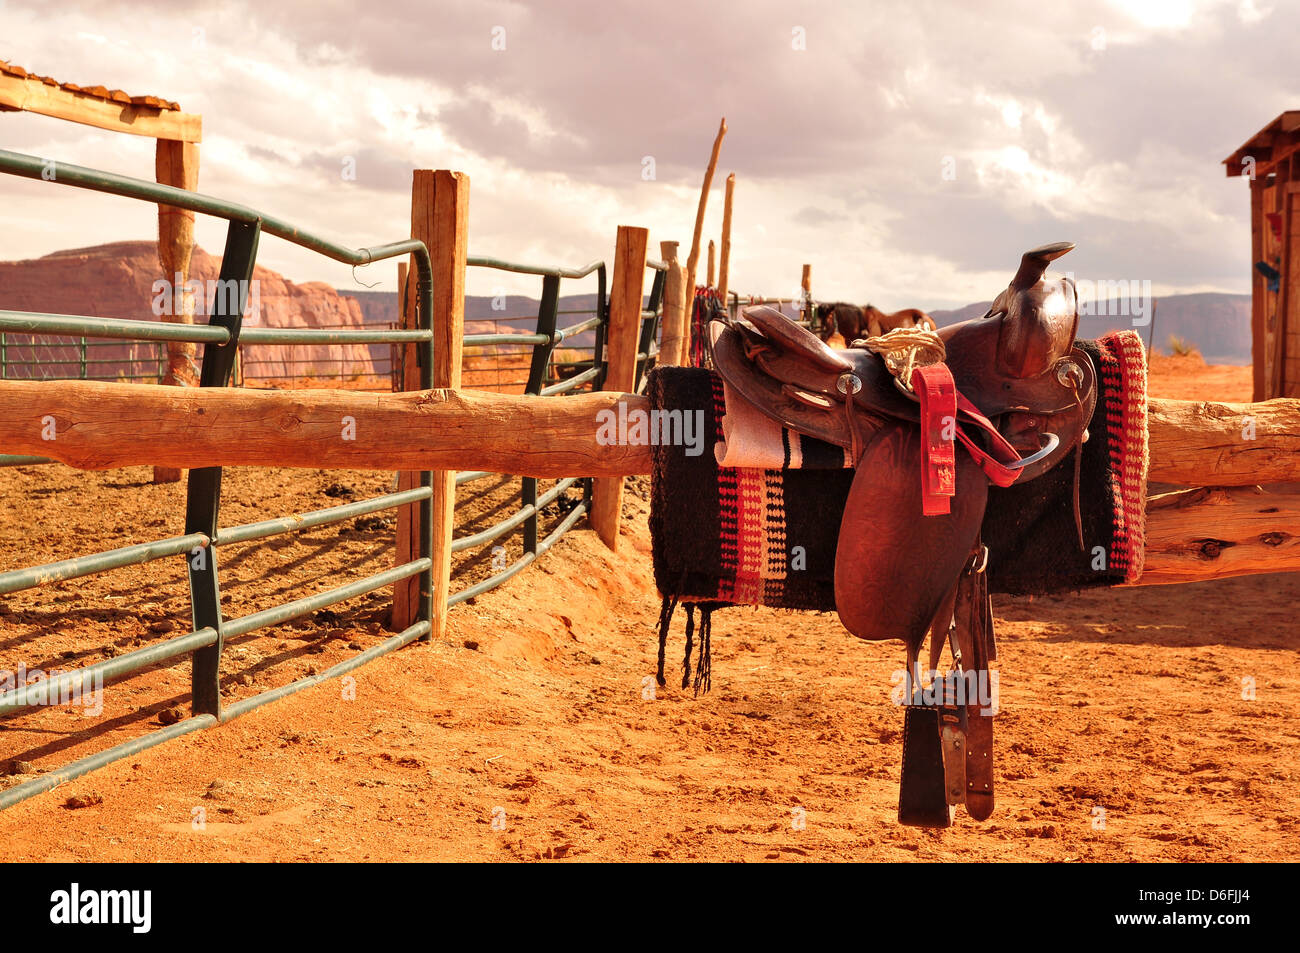 Saddle Navajo in reserve - Stock Image